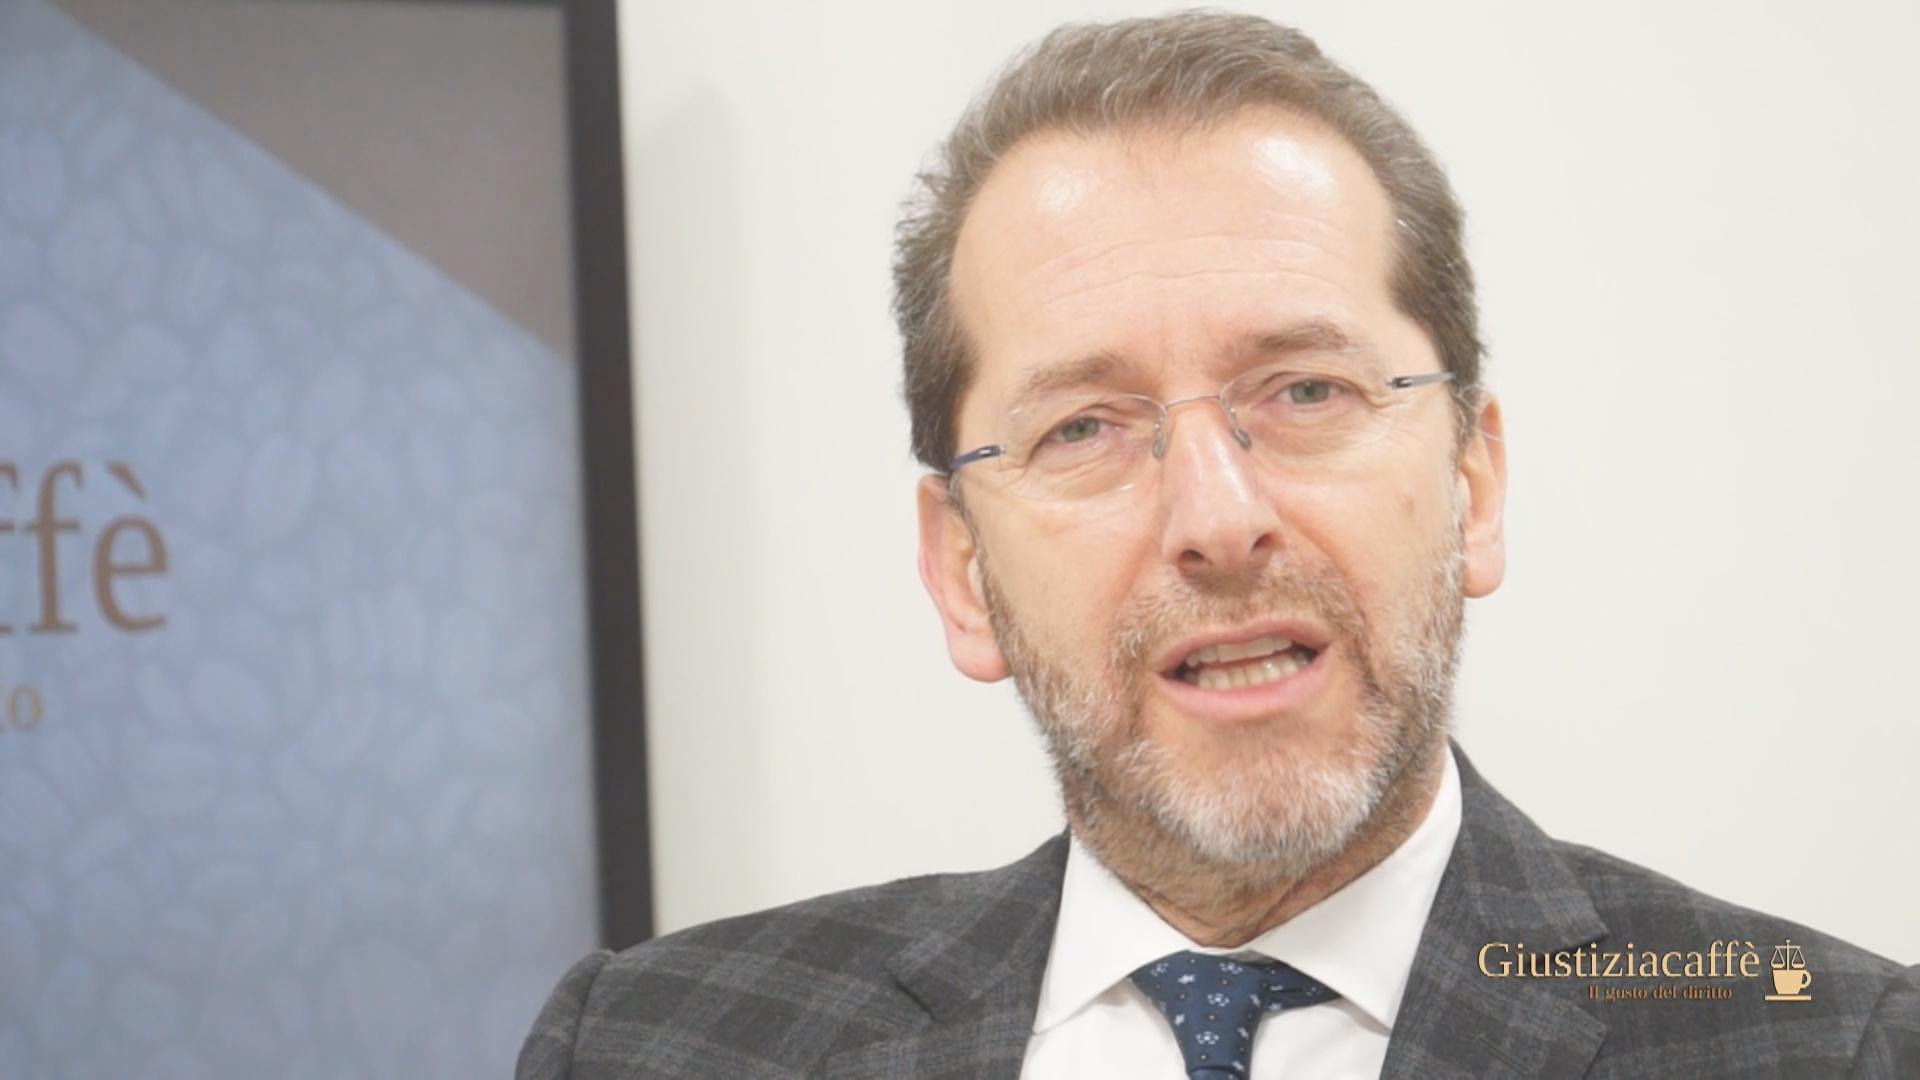 Federico Gelli sugli effetti della legge Gelli / Bianco in materia di colpa medica